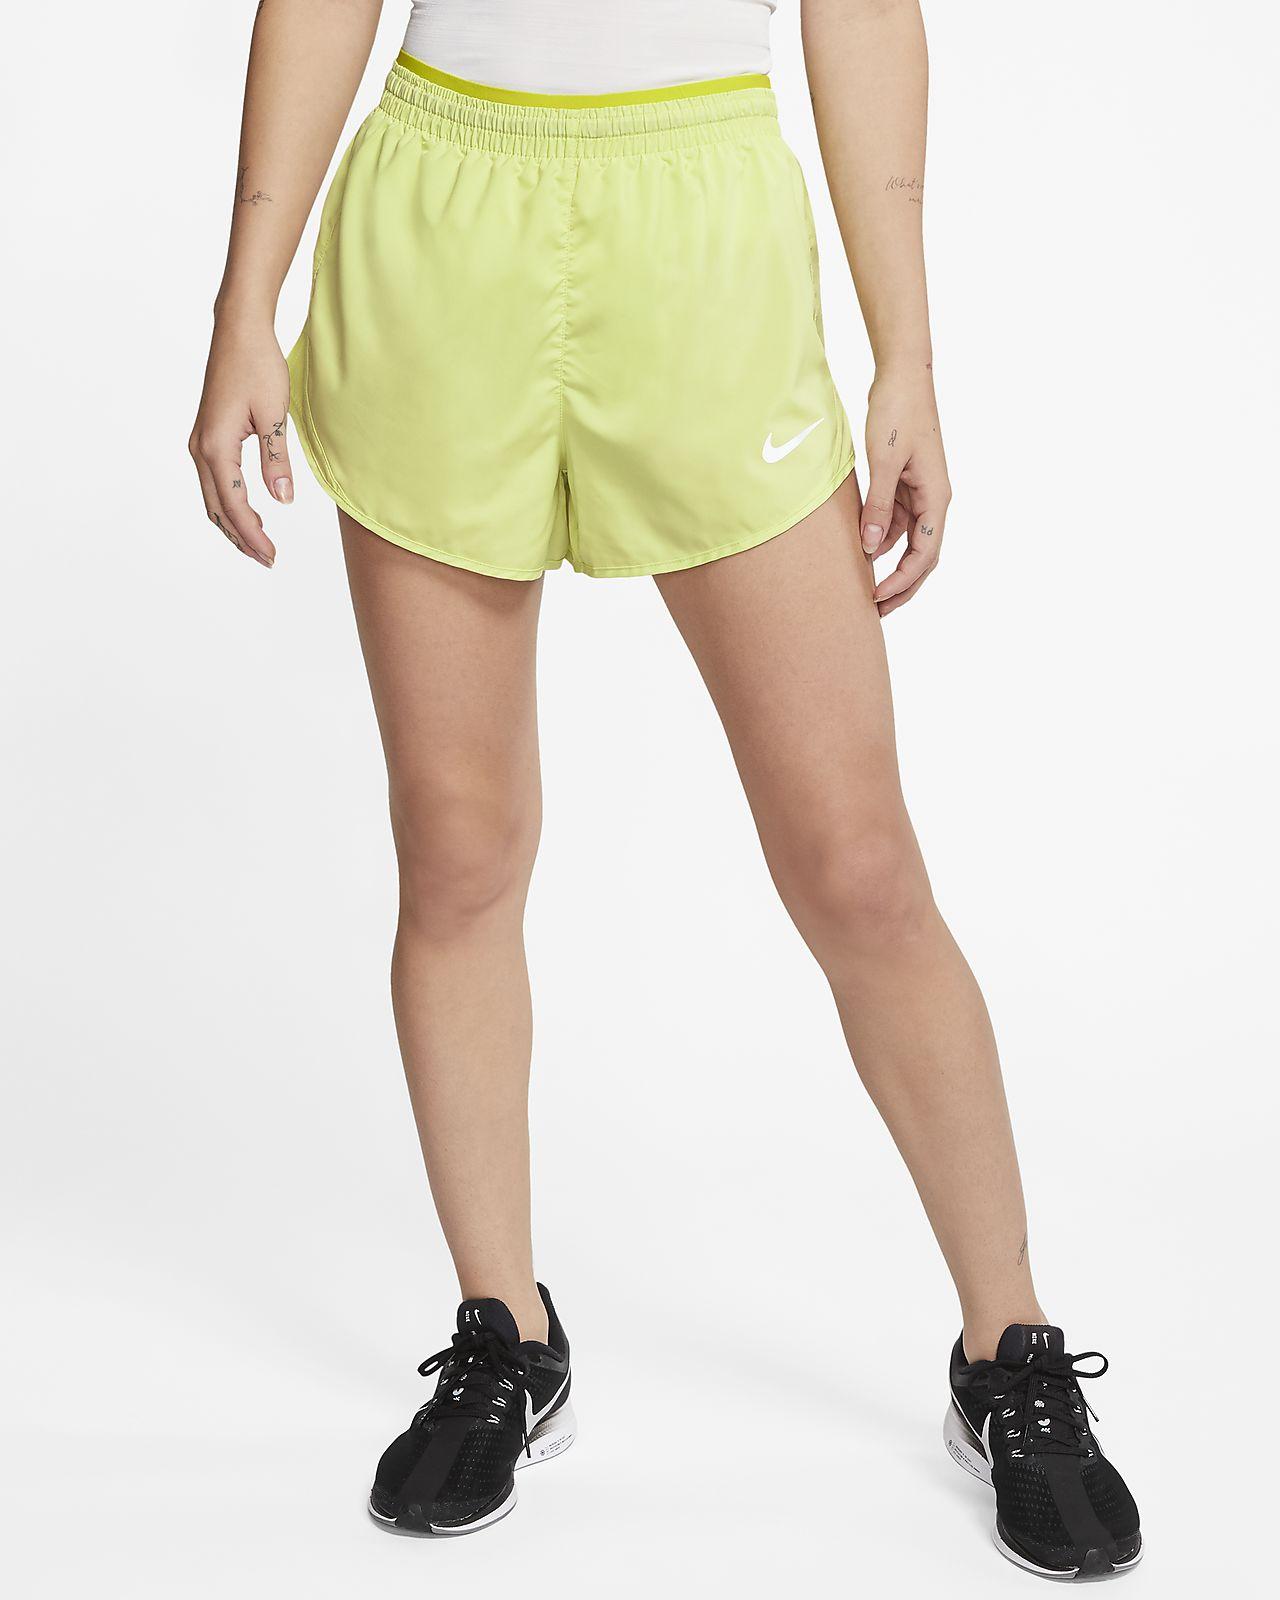 Γυναικείο σορτς για τρέξιμο 8 cm Nike Tempo Lux